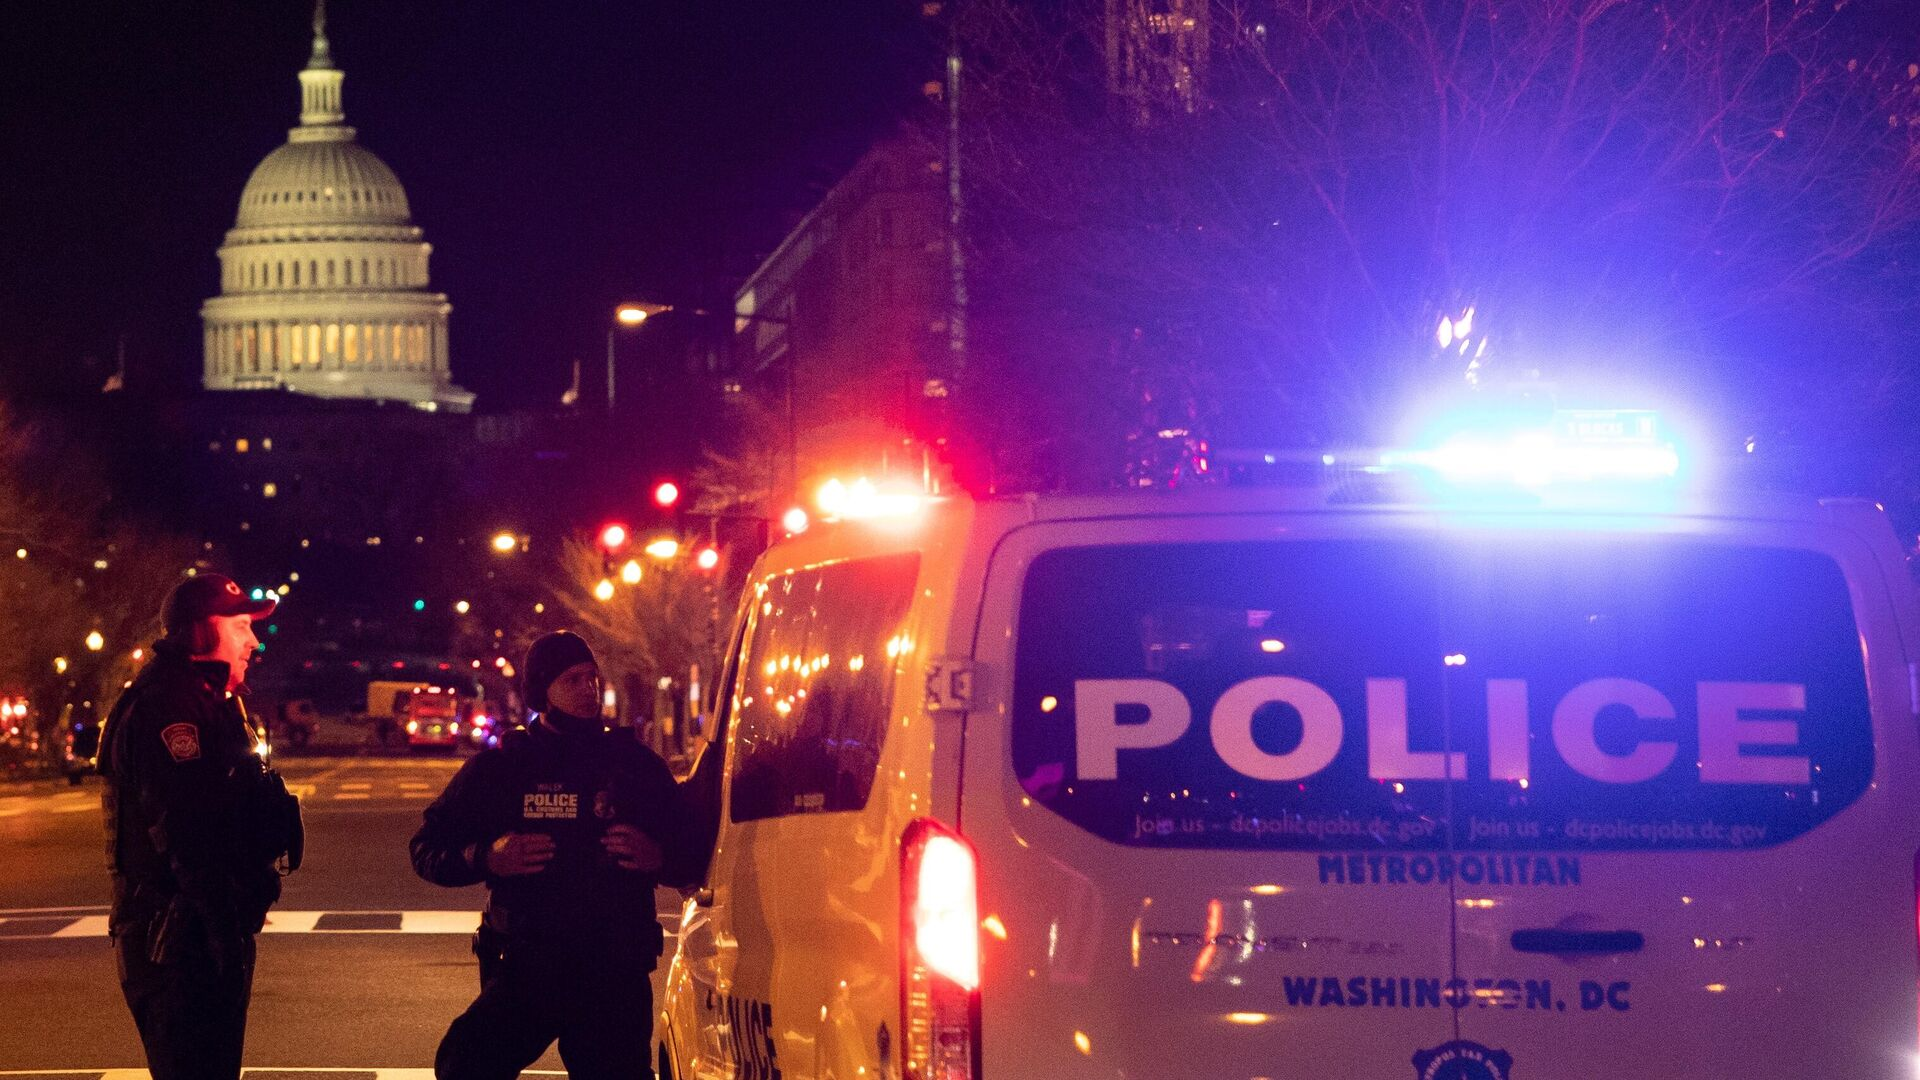 Полицейские дежурят на одной из улиц неподалеку от здания Капитолия в Вашингтоне - РИА Новости, 1920, 03.03.2021